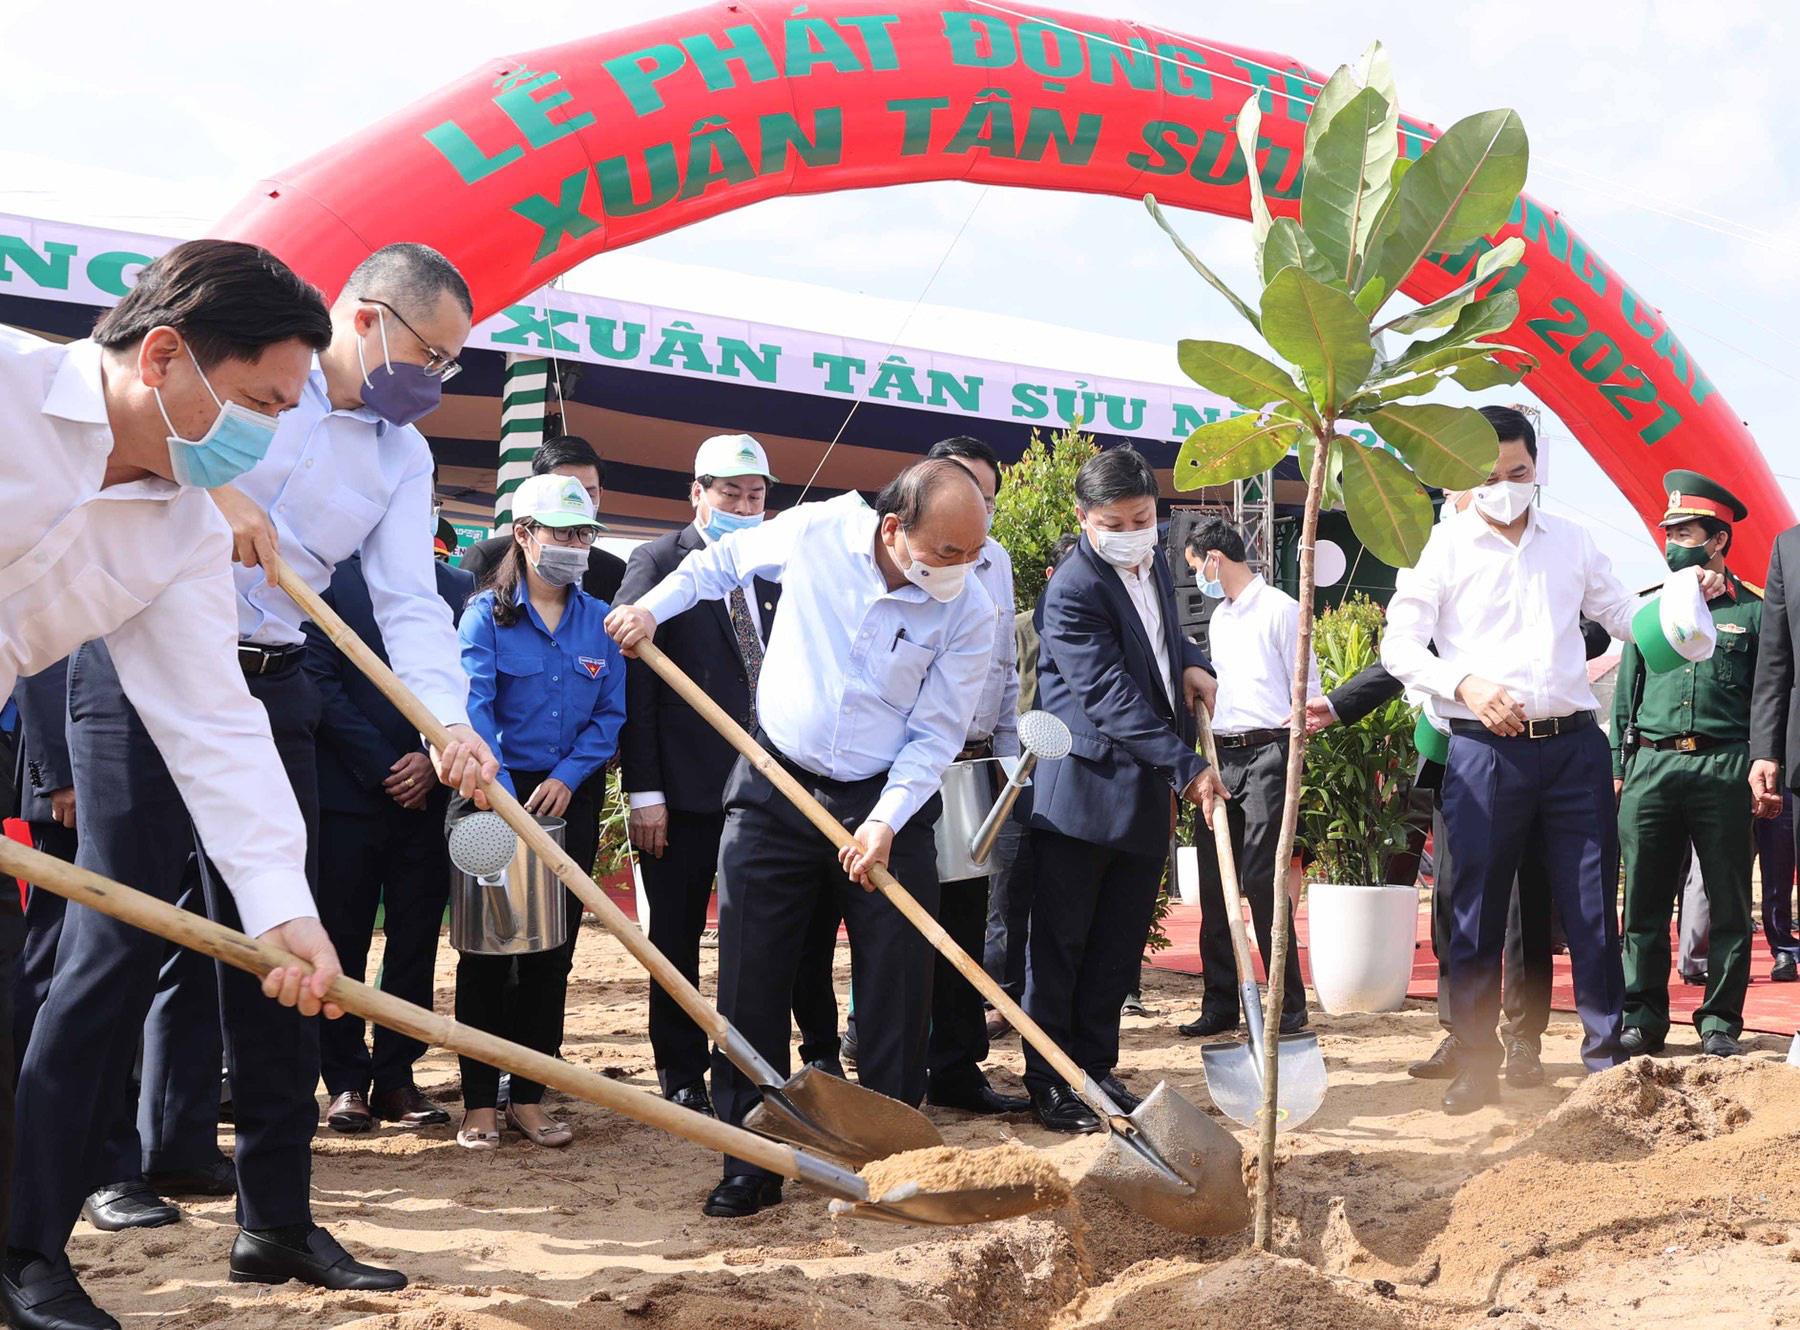 Vietjet hưởng ứng lời kêu gọi trồng cây vì một Việt Nam xanh - Ảnh 3.